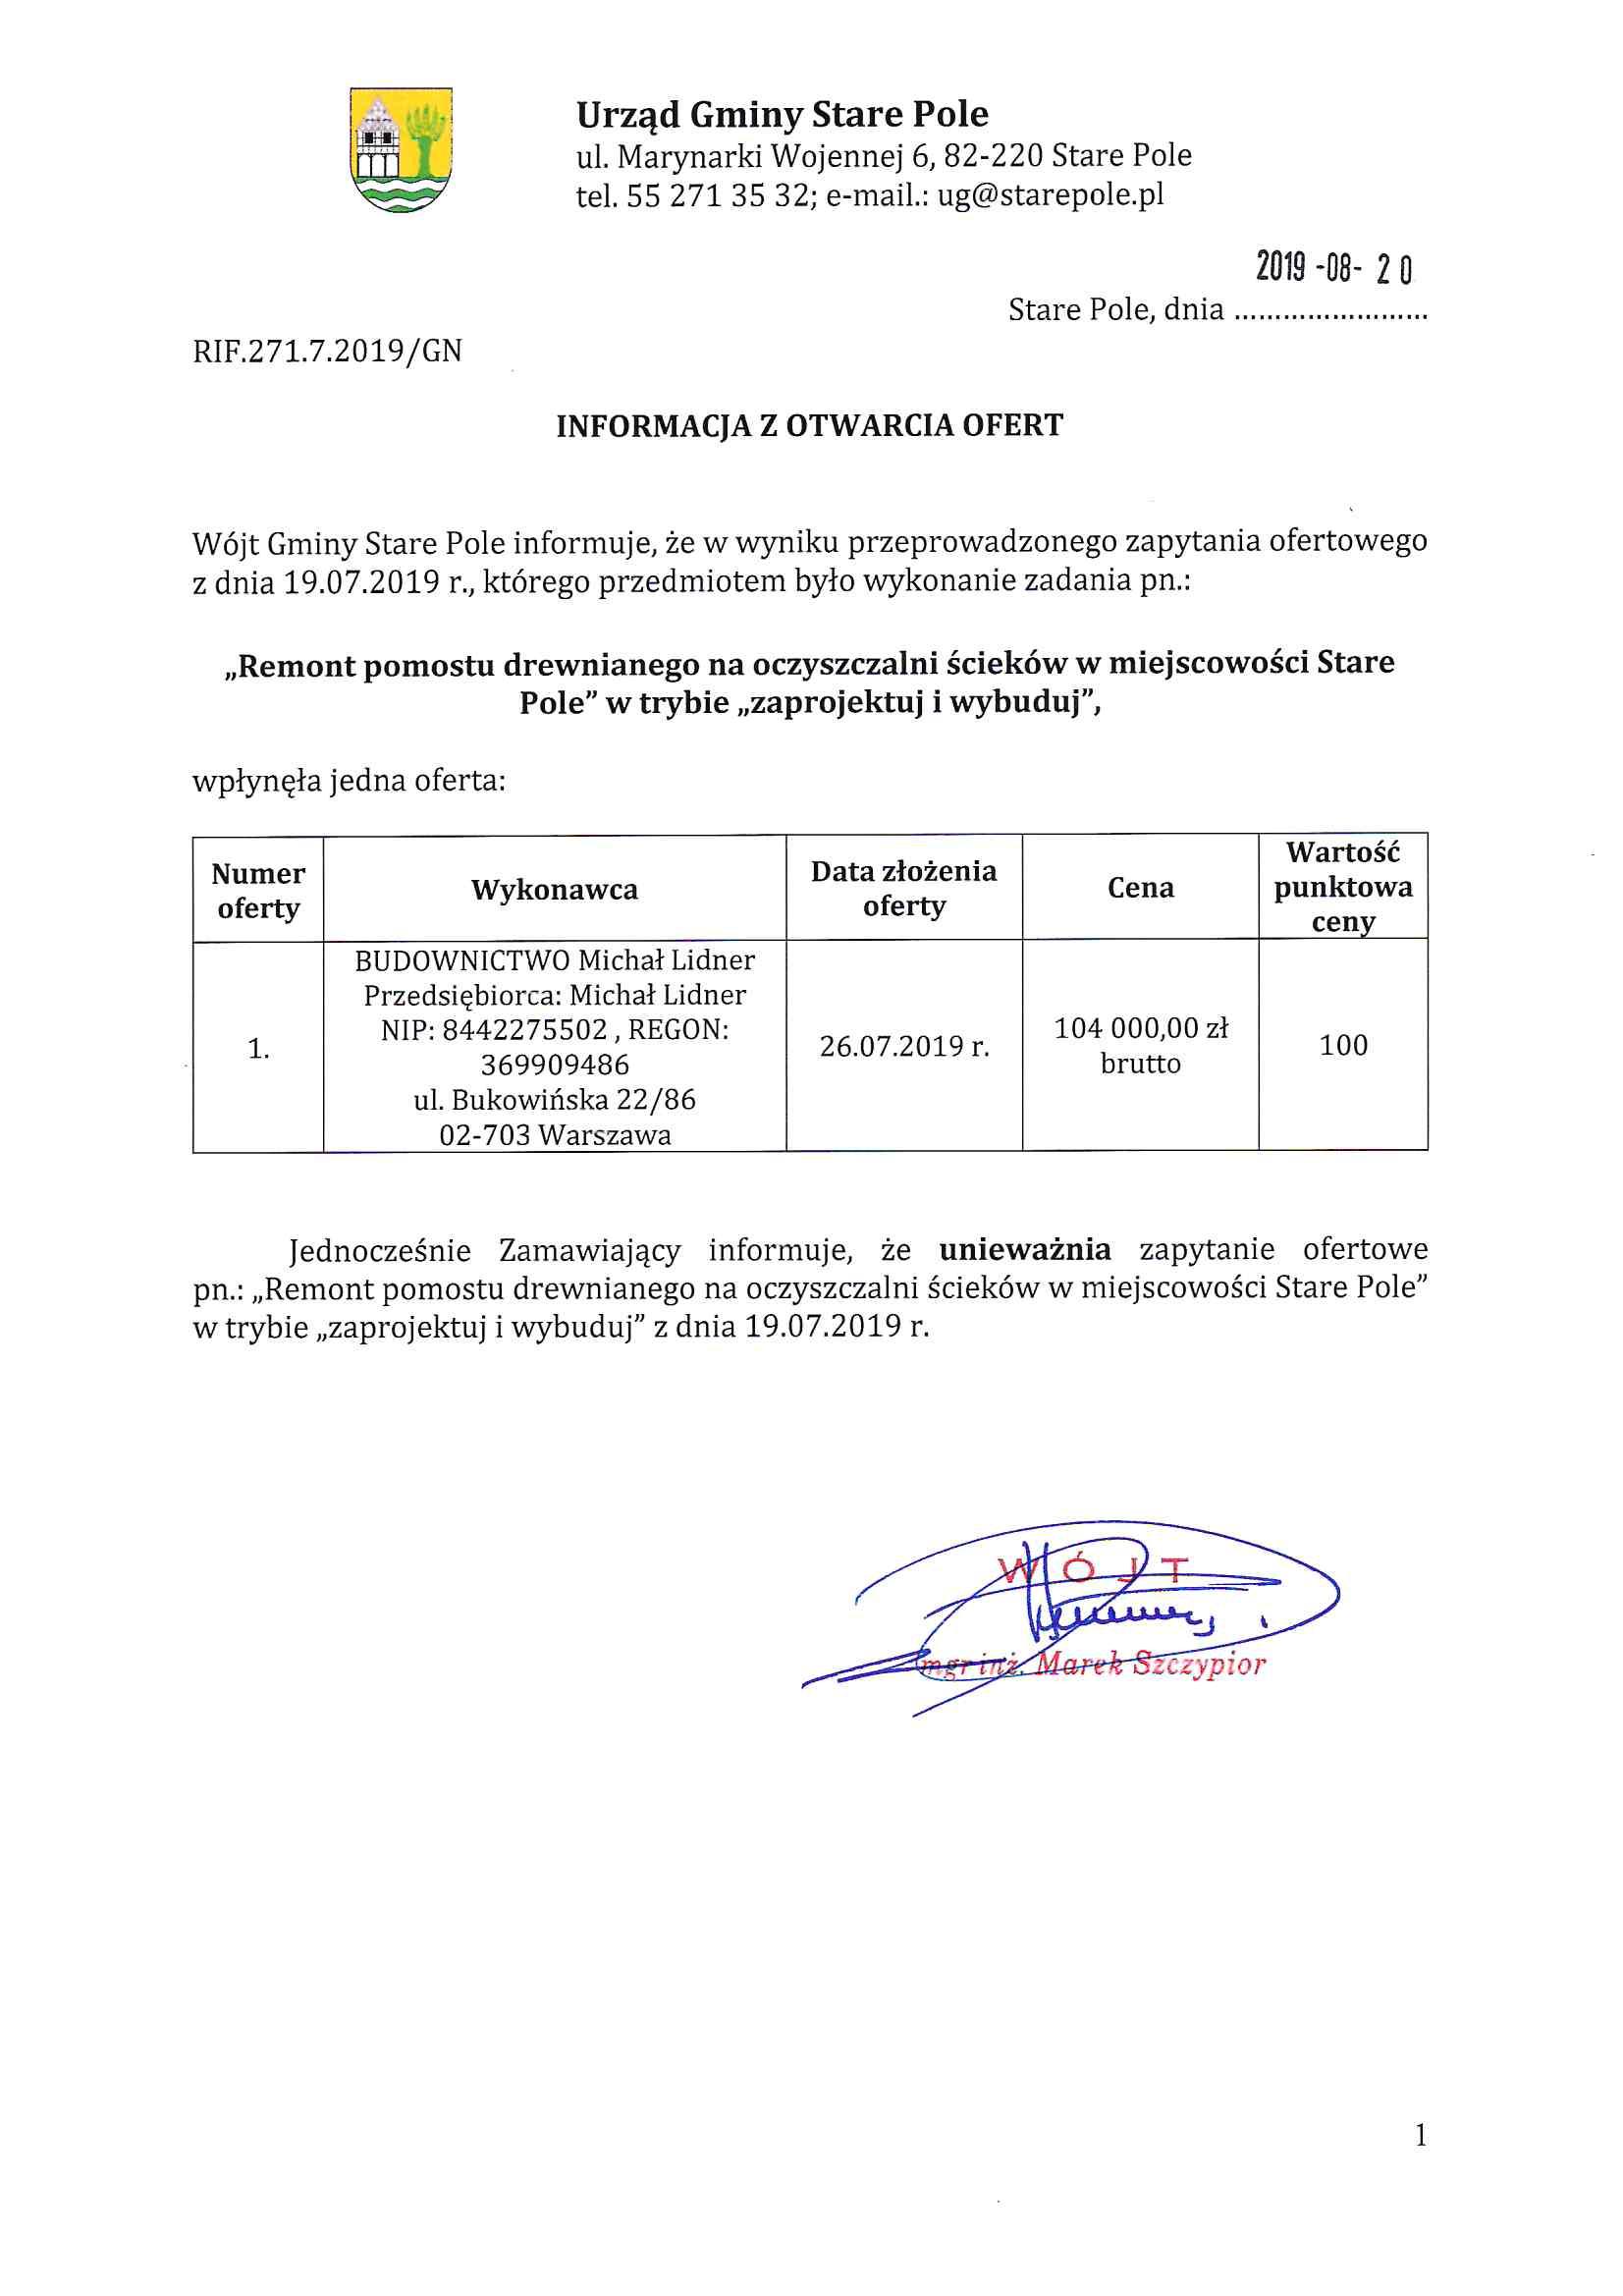 Informacja z dnia 20 sierpnia 2019 r. z otwarcia ofert